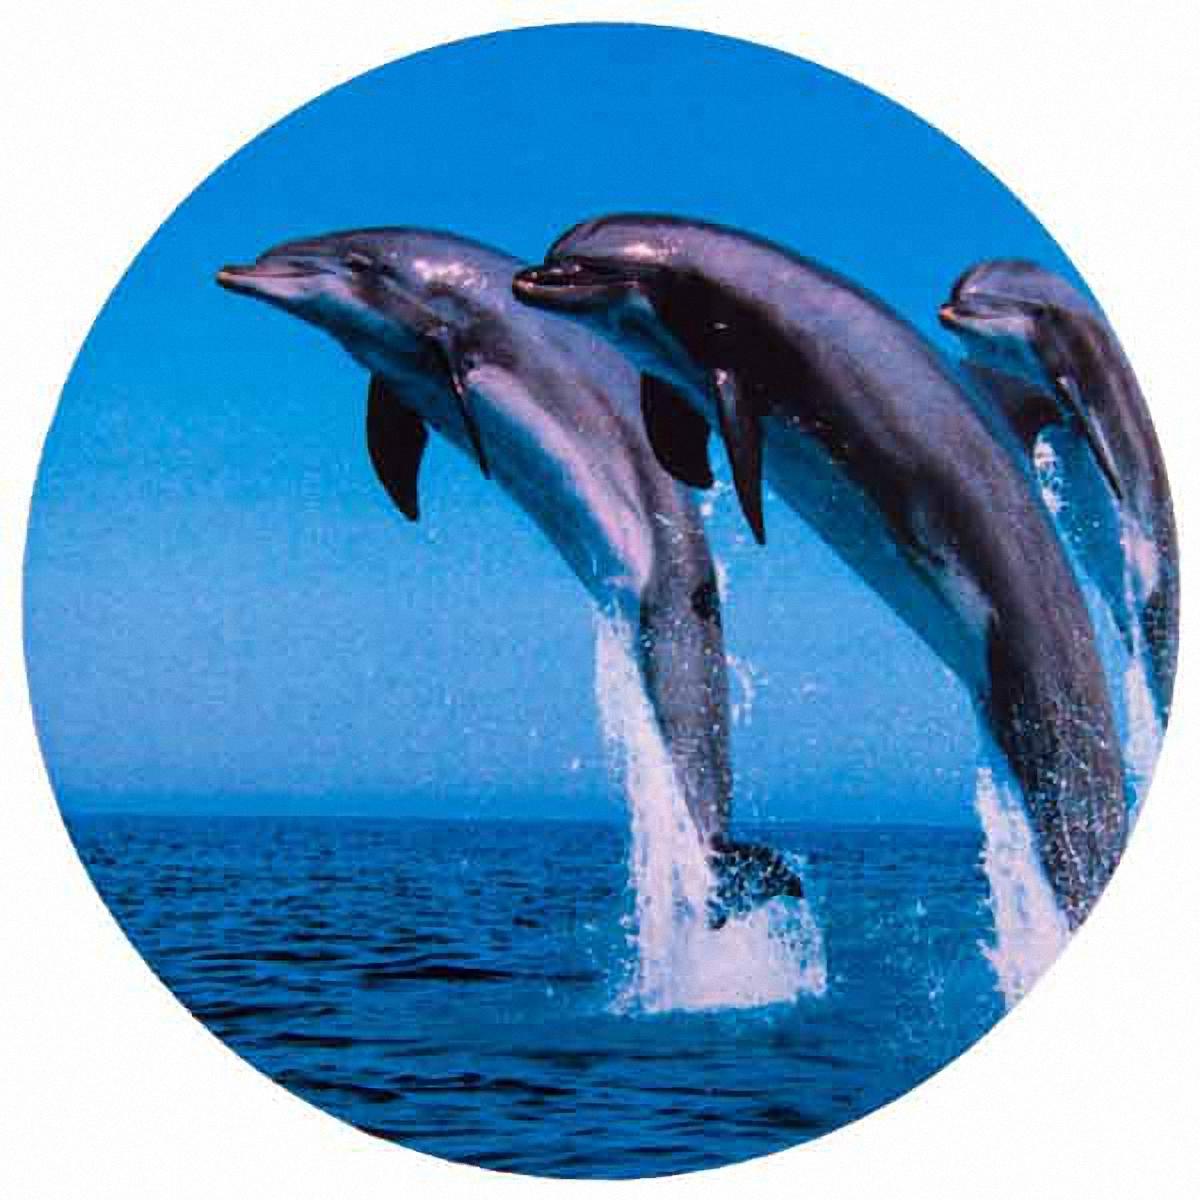 Чехол на запасное колесо Skyway Дельфины, диаметр 67 см чехол для запасного колеса skyway пантера